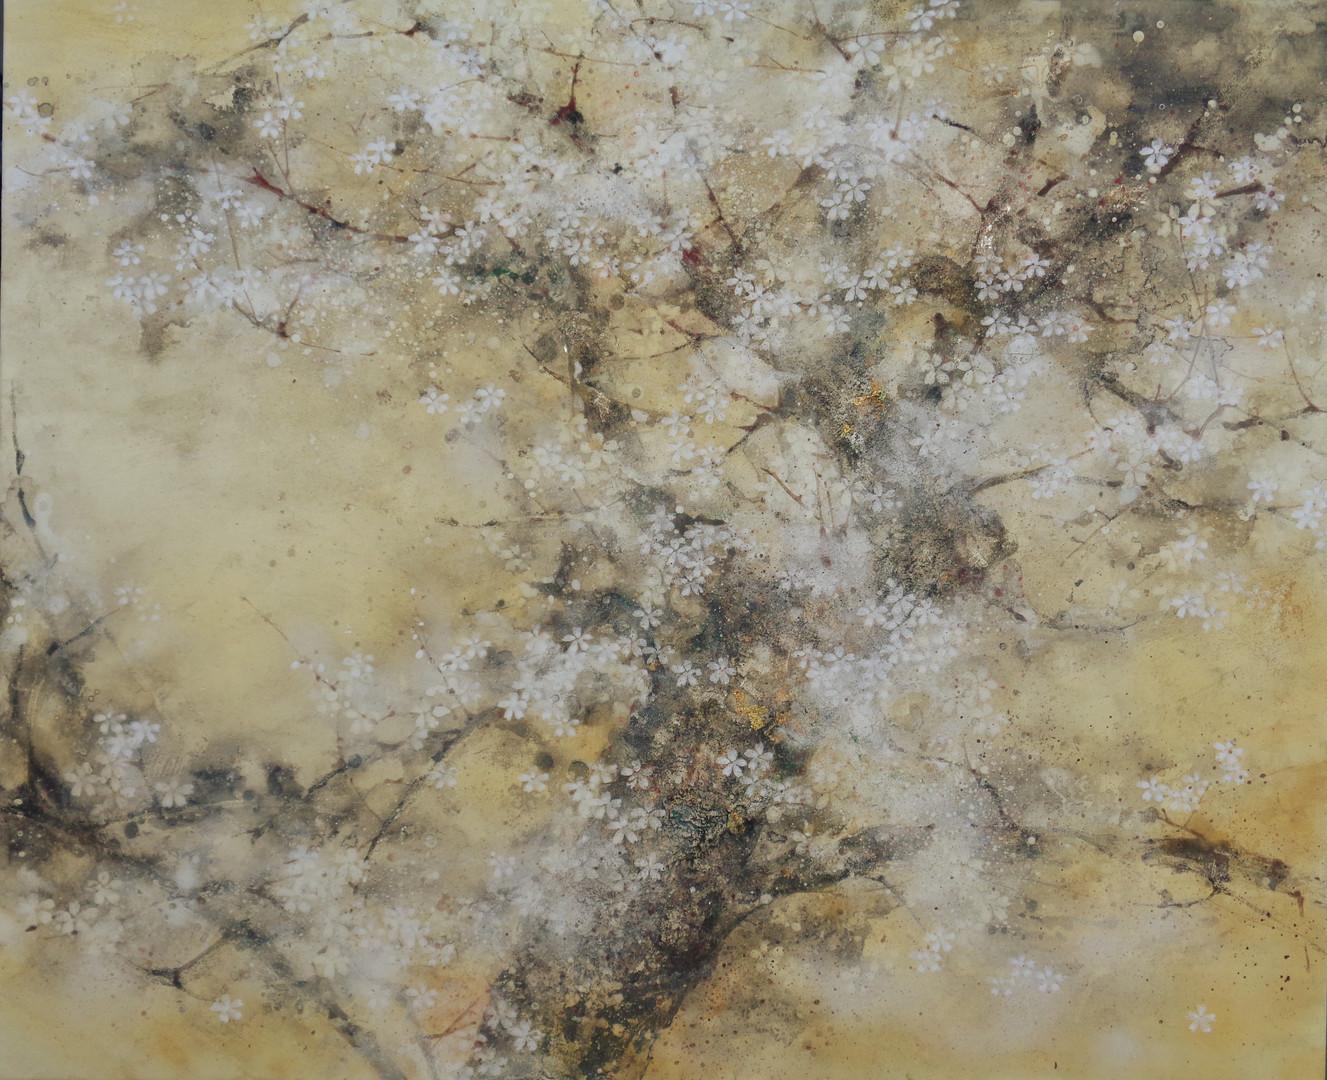 Saison du cerisier - 50 x 61 cm / 2018/